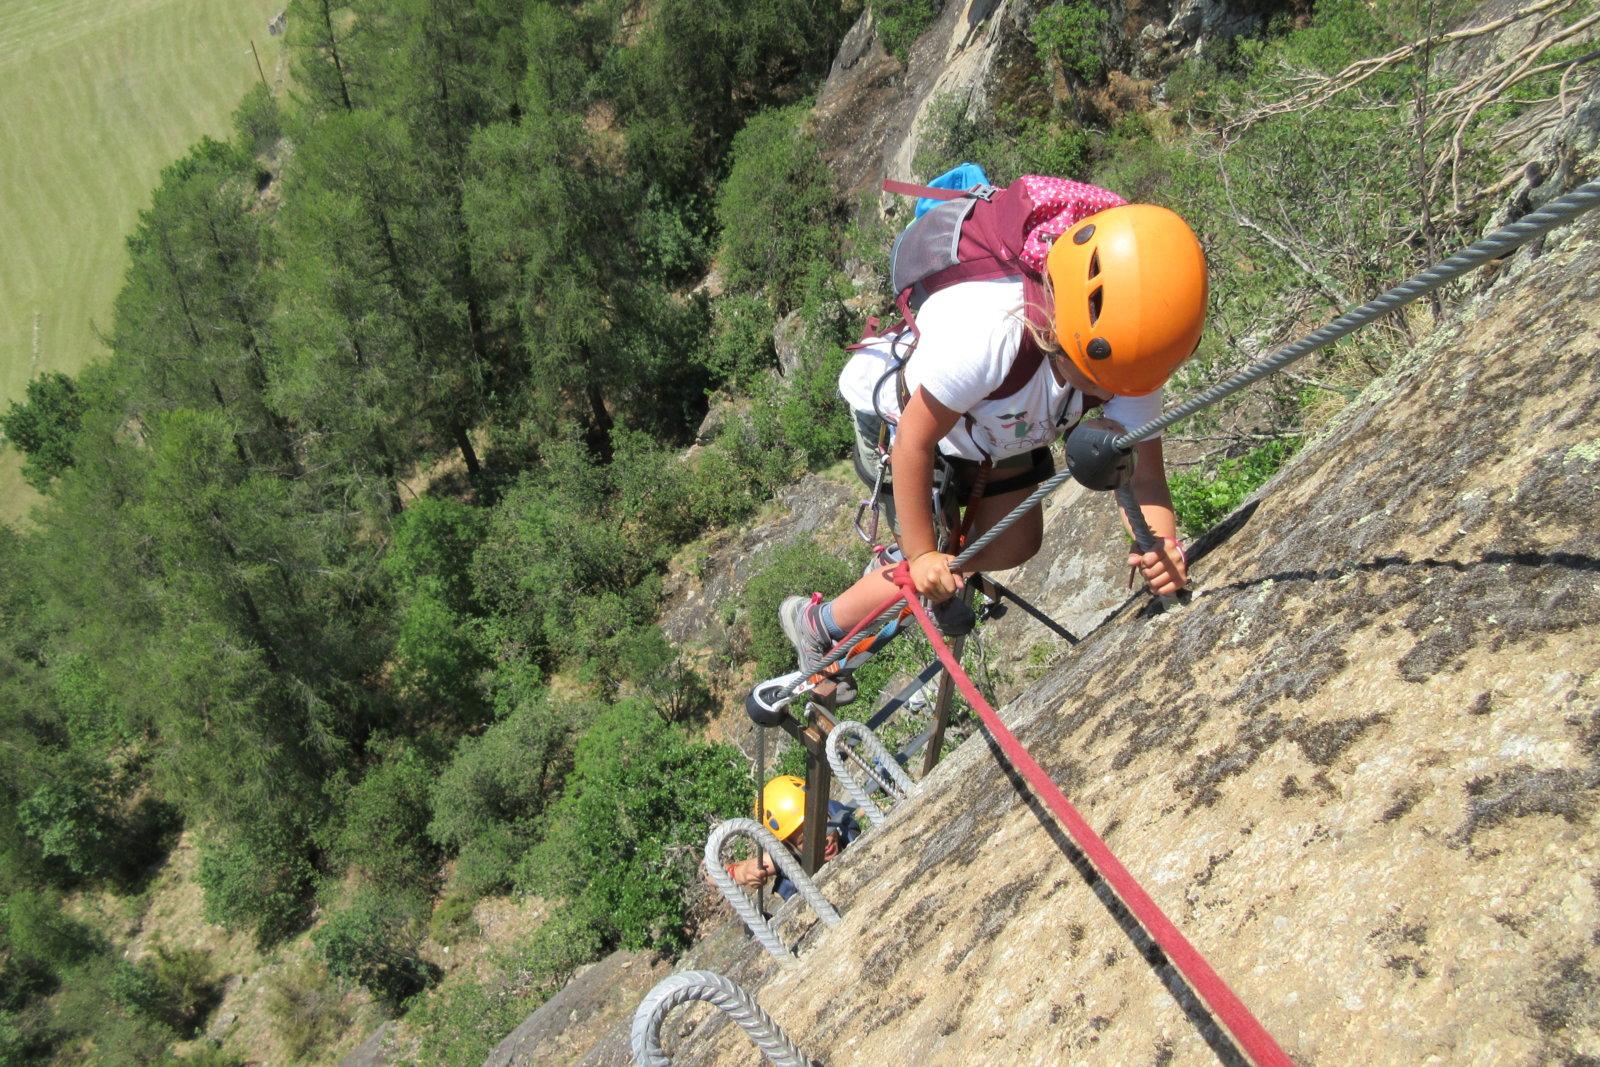 Klettersteig Naturns Knott : Familien Übungsklettersteig klettersteigkurs knott im vinschgau